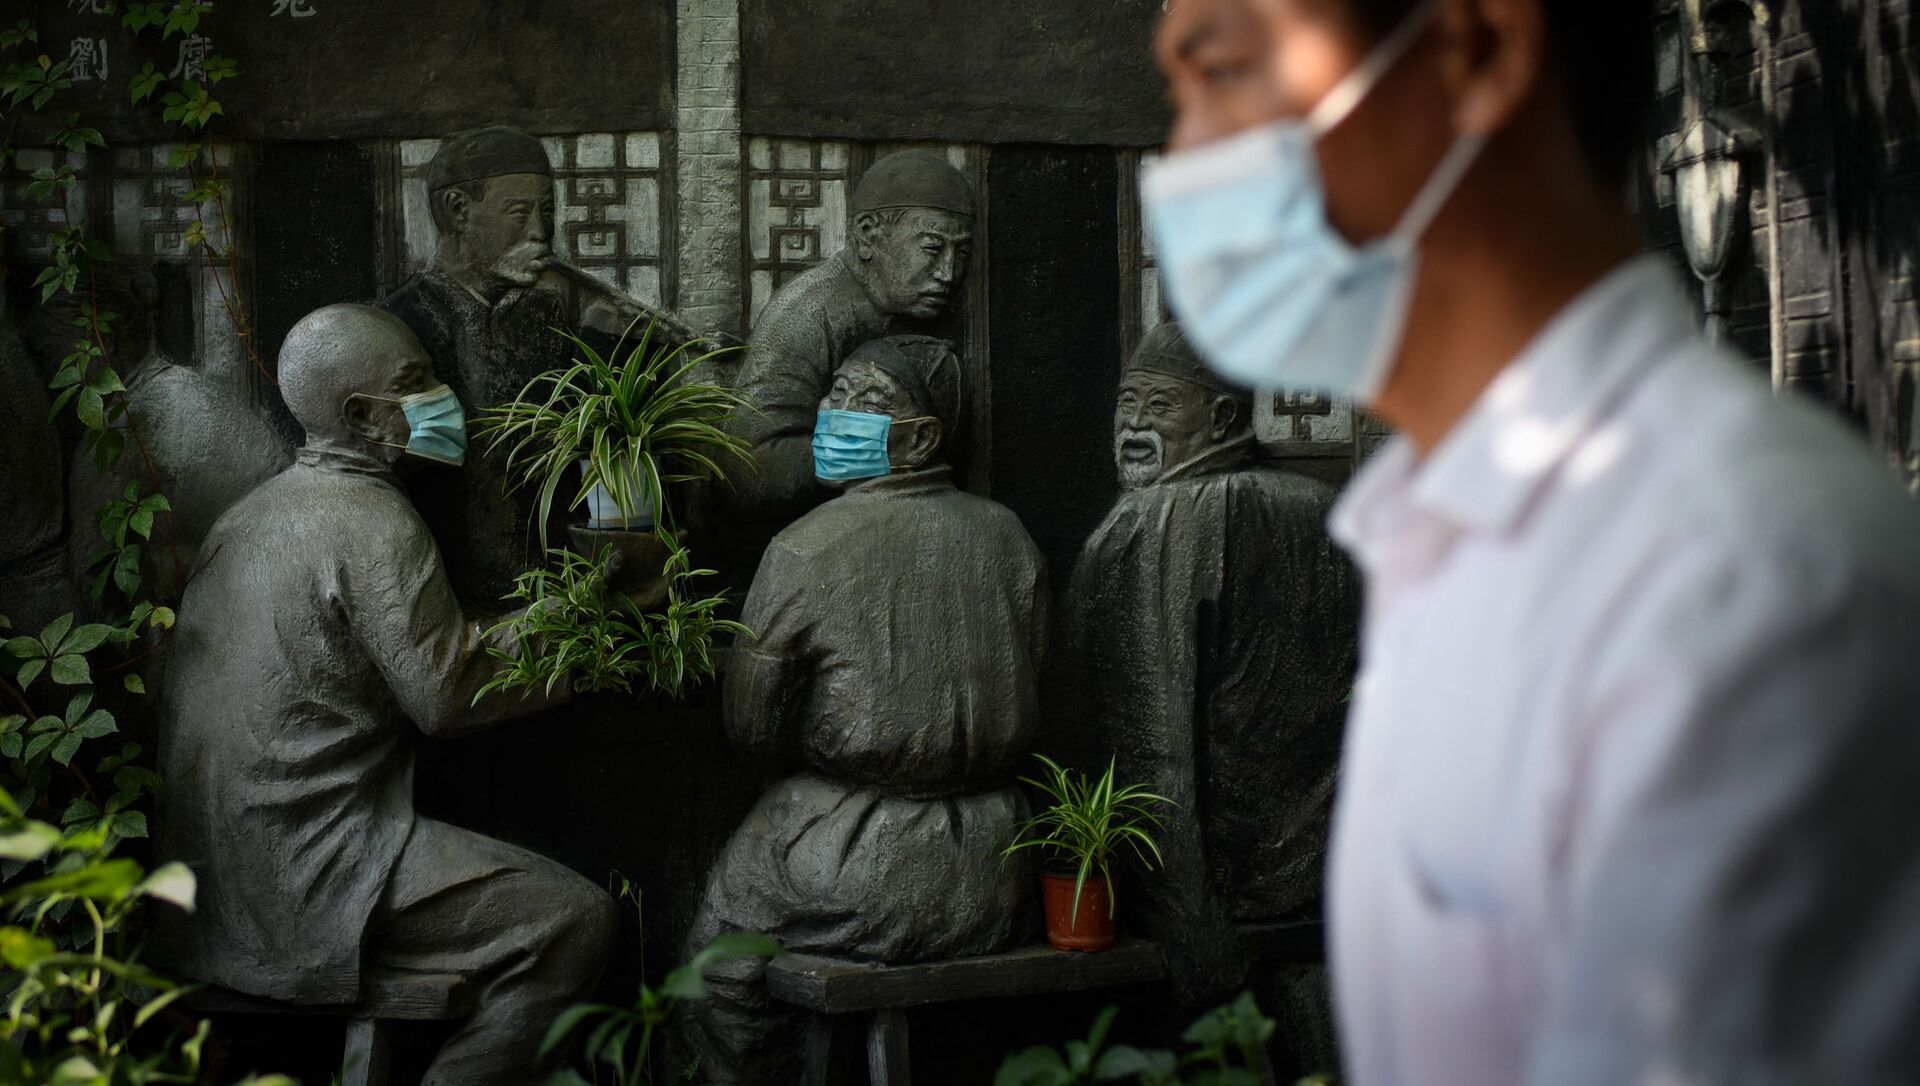 Мужчина проходит мимо скульптур в масках возле ресторана в Пекине - Sputnik Azərbaycan, 1920, 12.09.2021